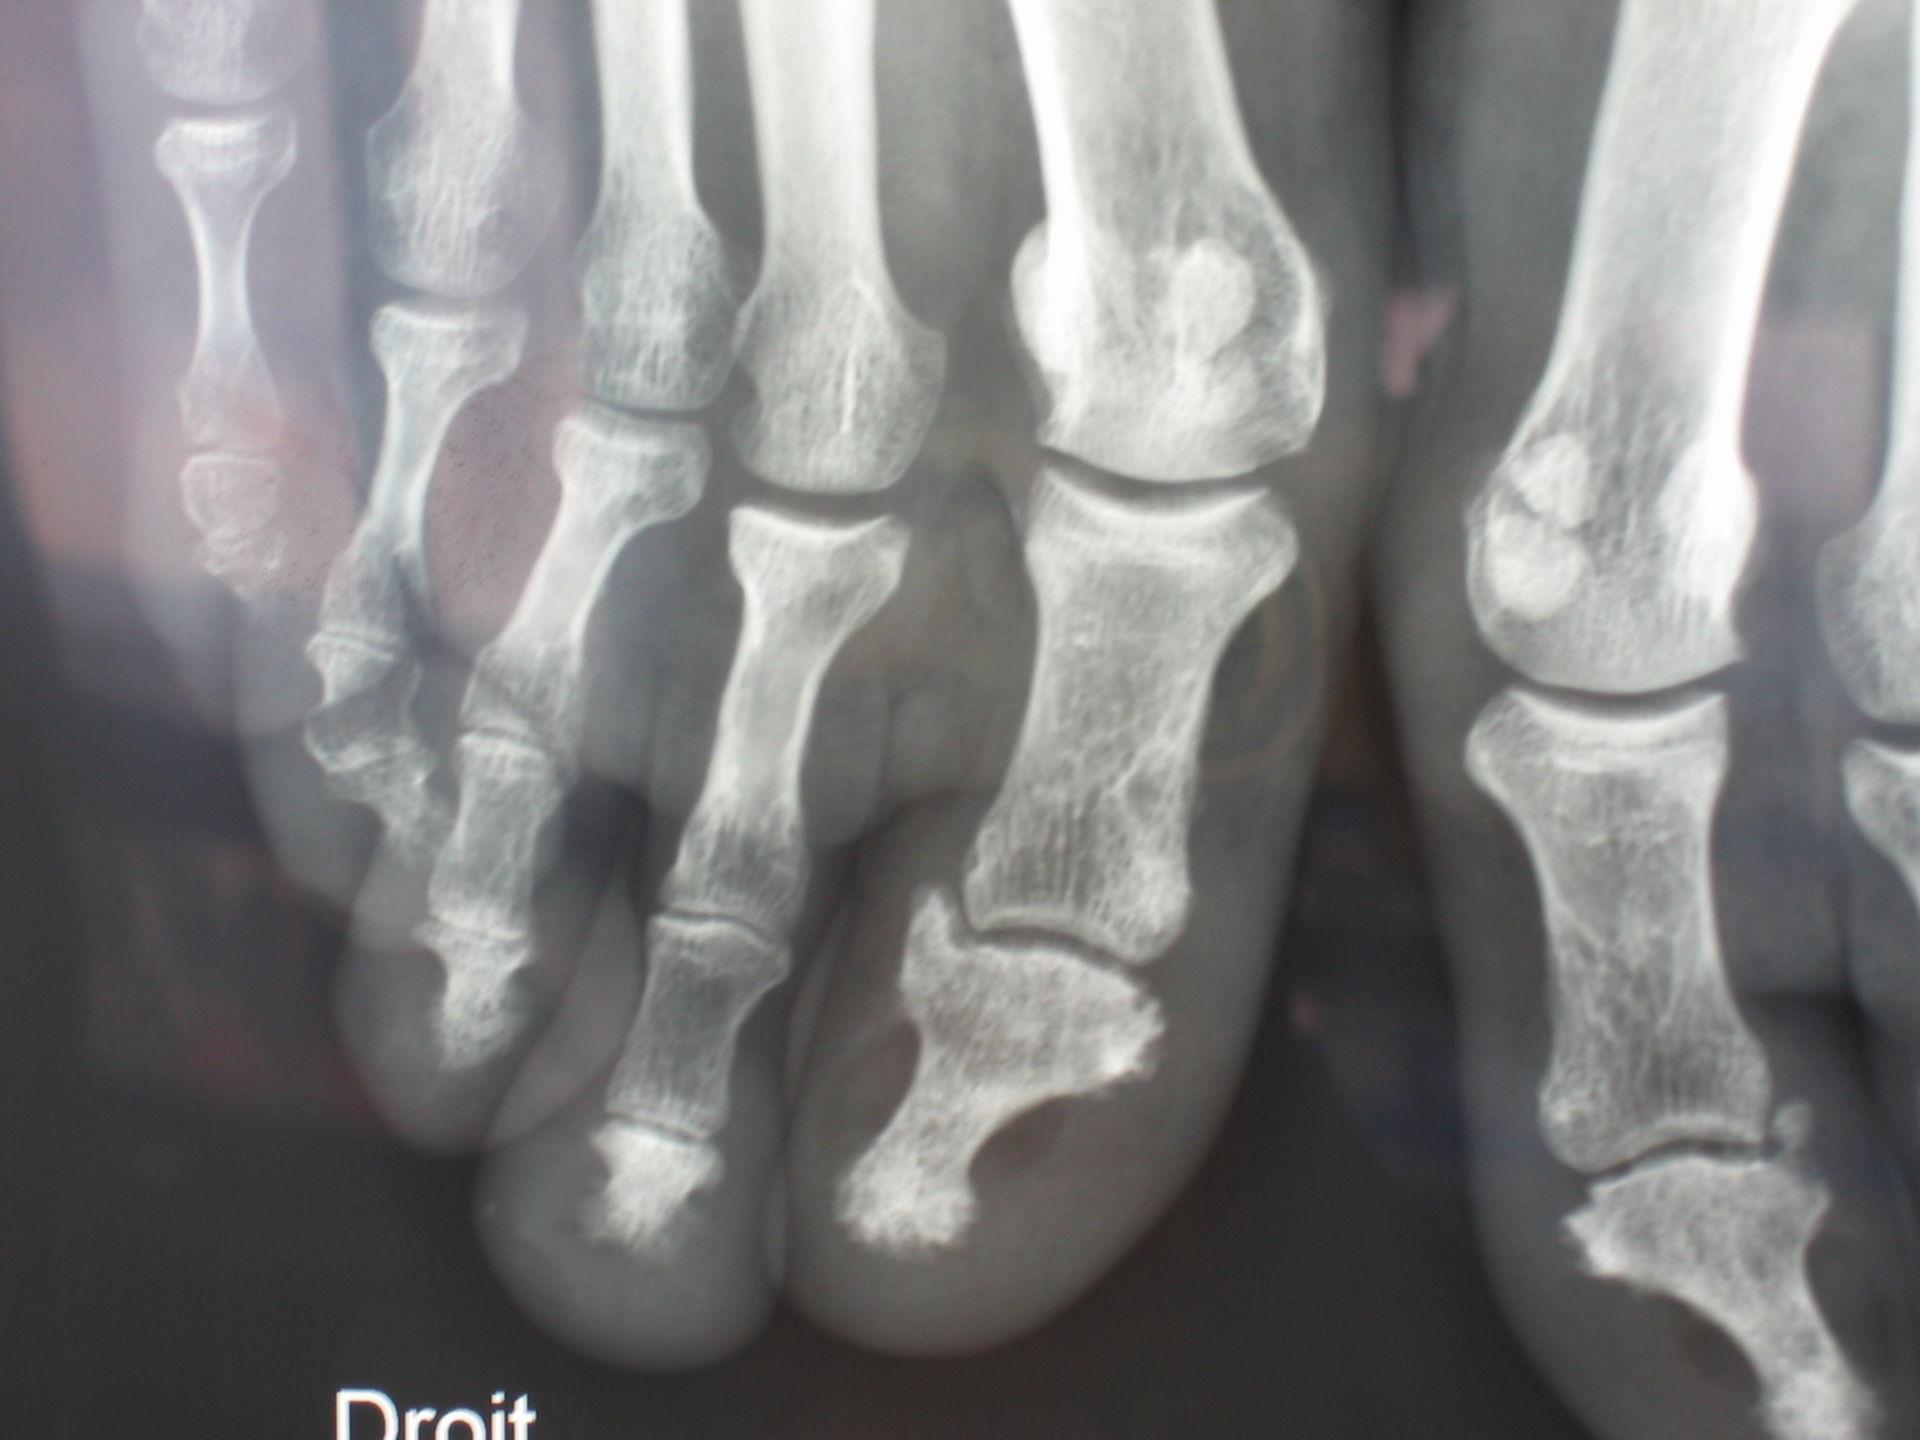 Artrite psoriasica, il coinvolgimento del piede